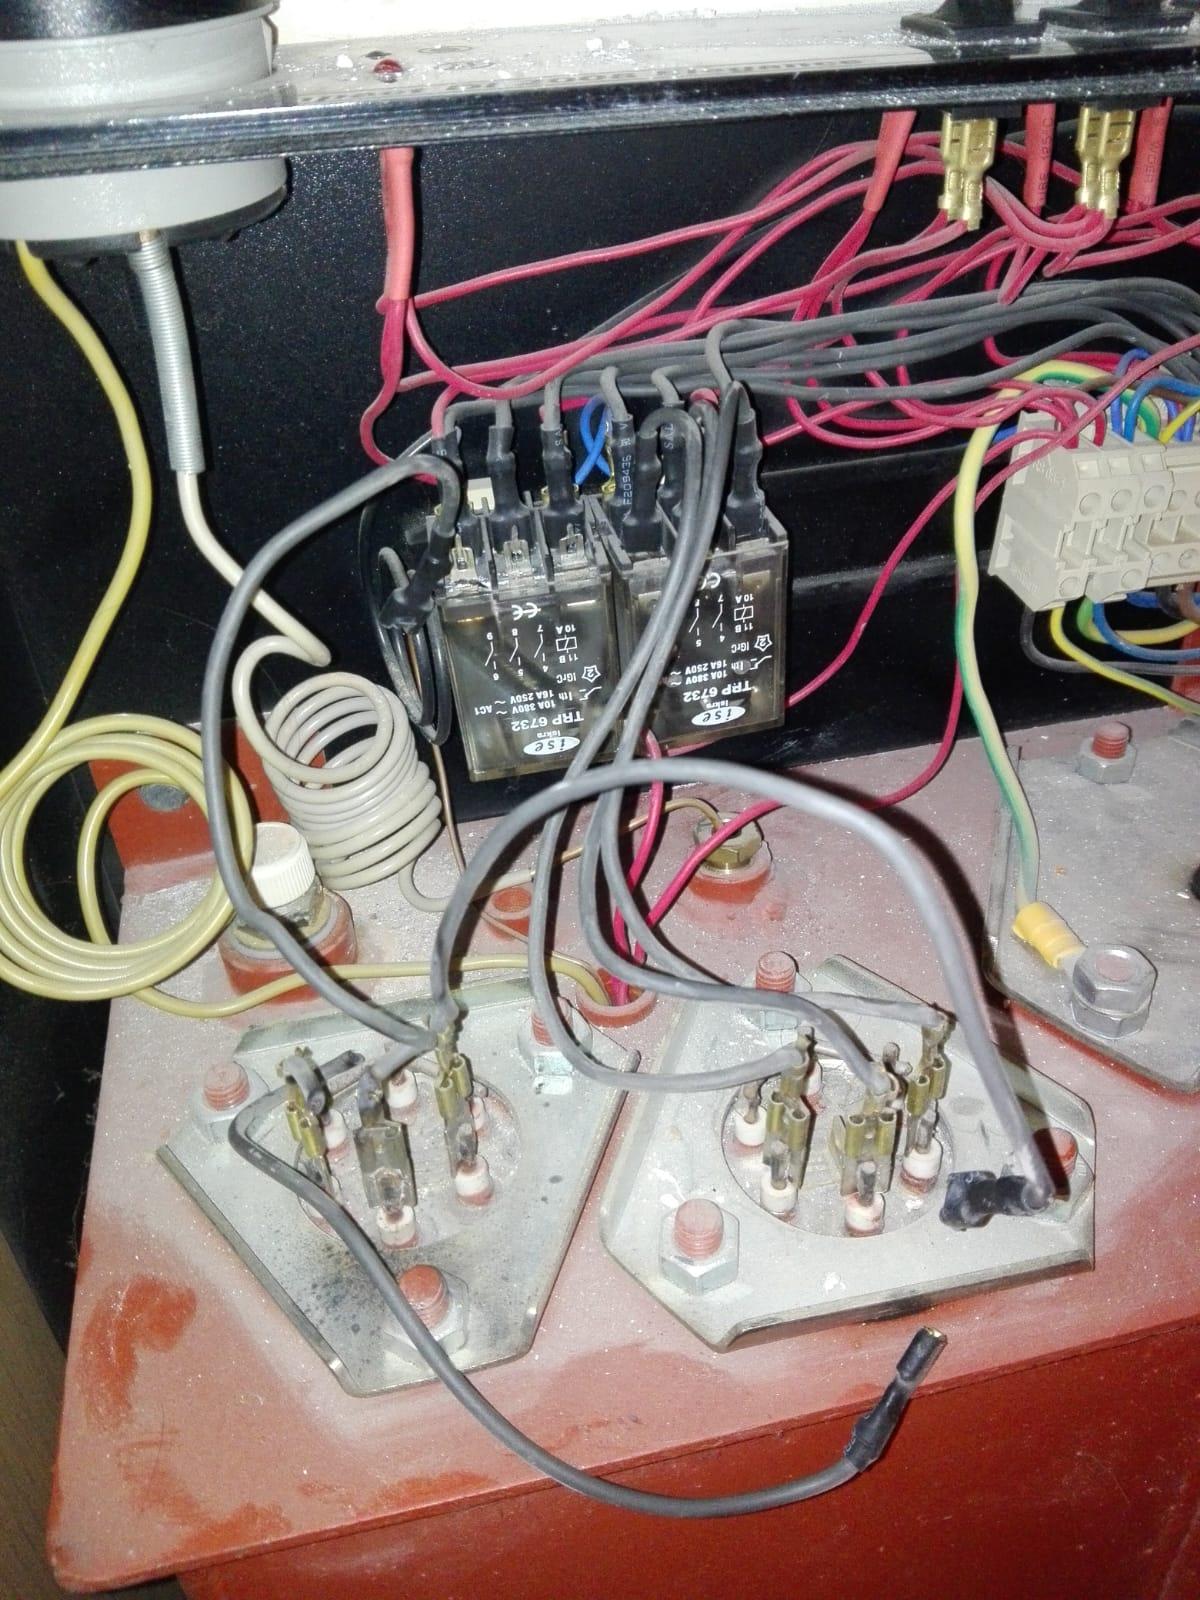 Elektricar etazno grejanje TA peci HAUS majstor